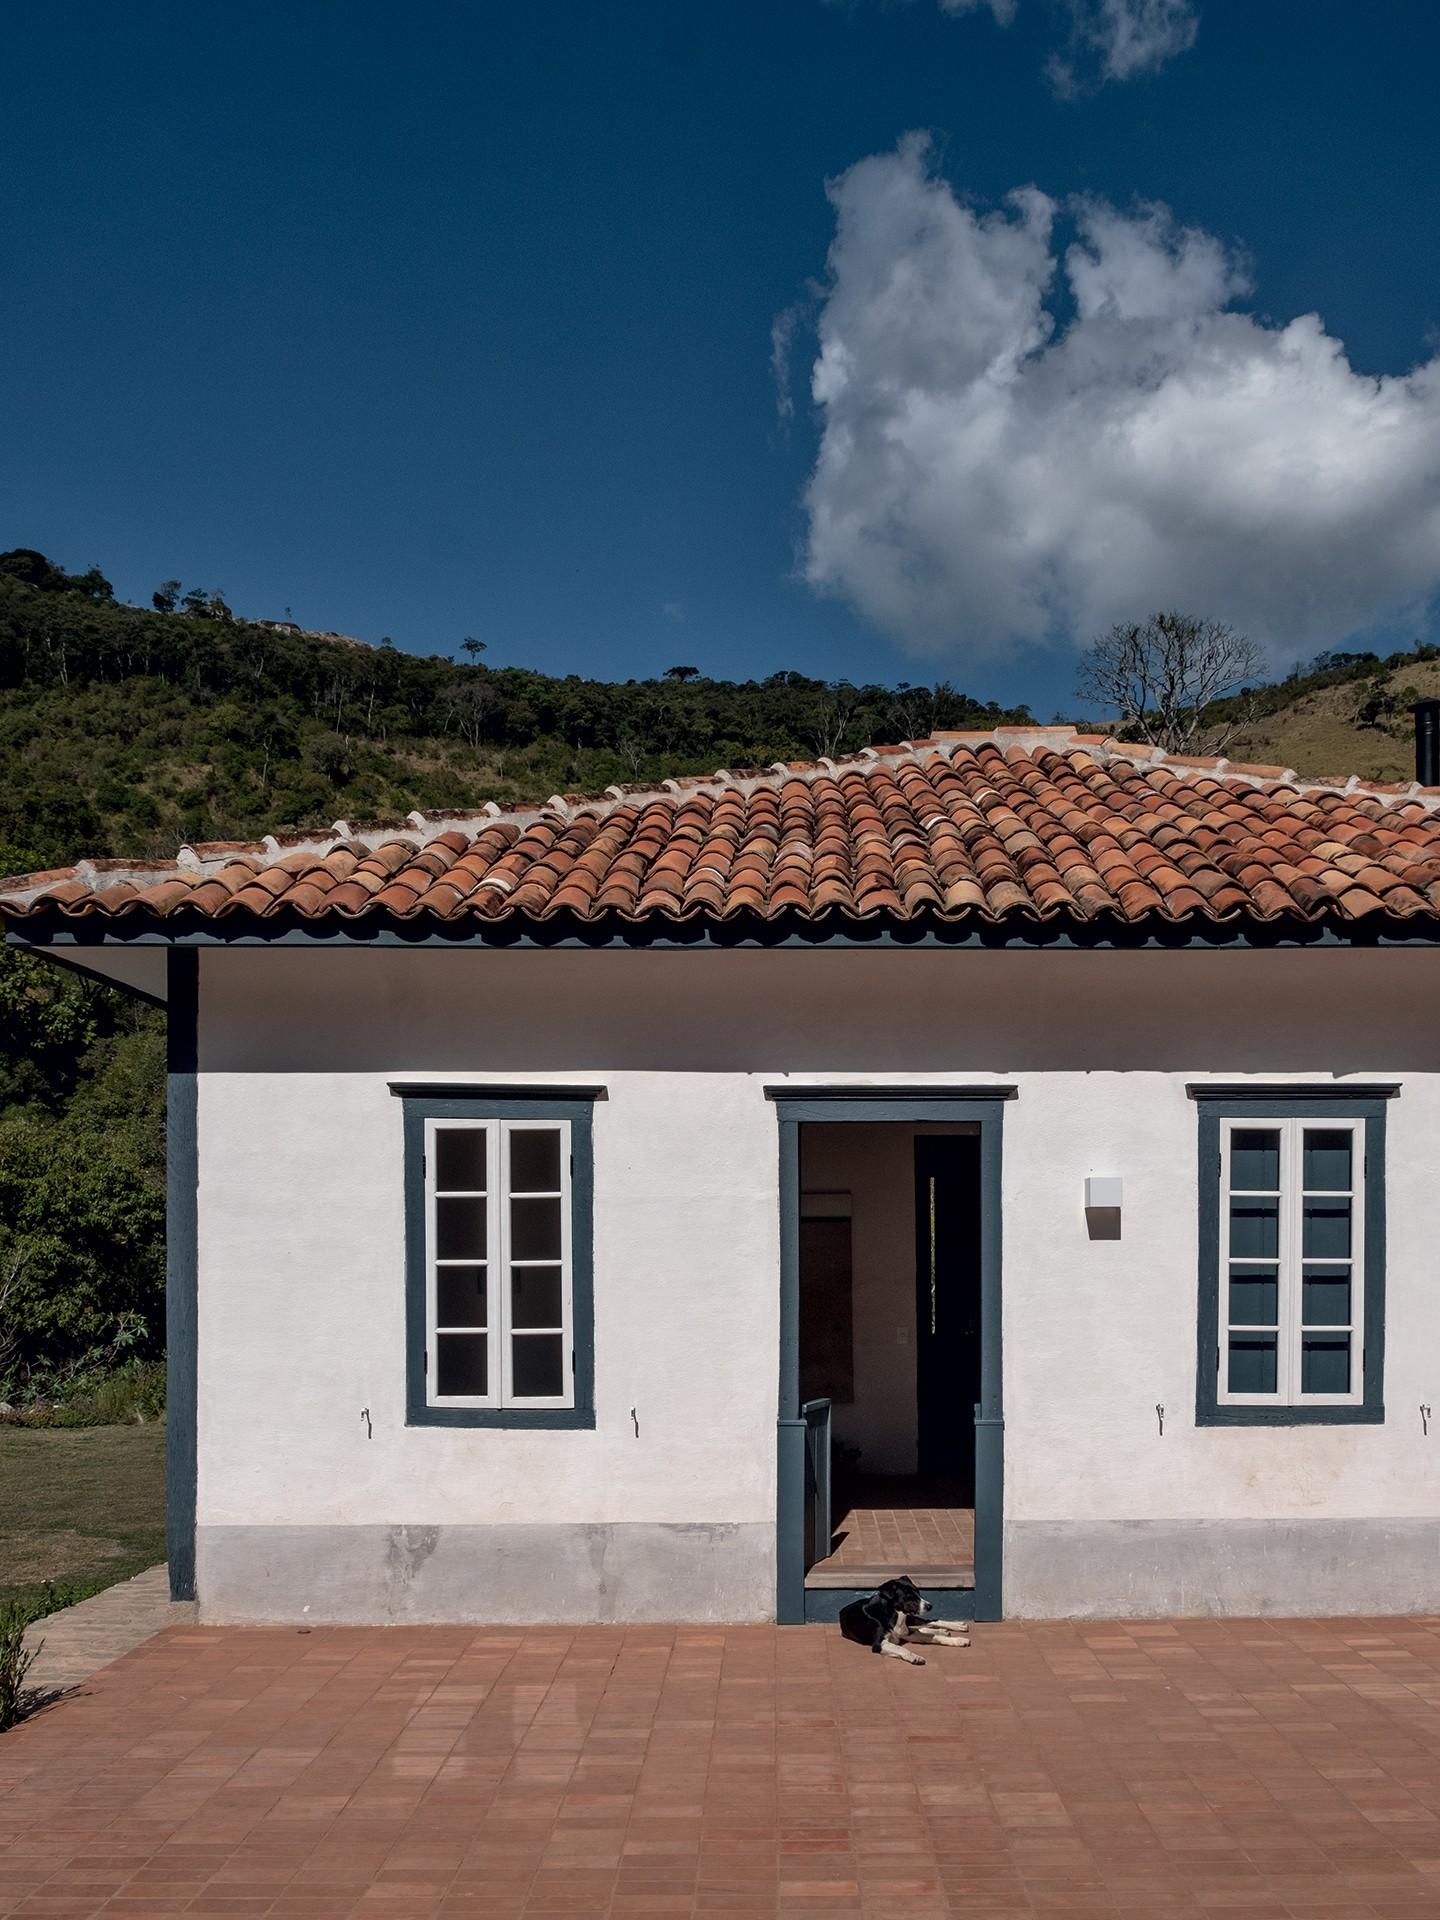 Restaurada, esta casa de pau a pique ganhou novos ares sem perder a história (Foto: Ruy Teixeira)